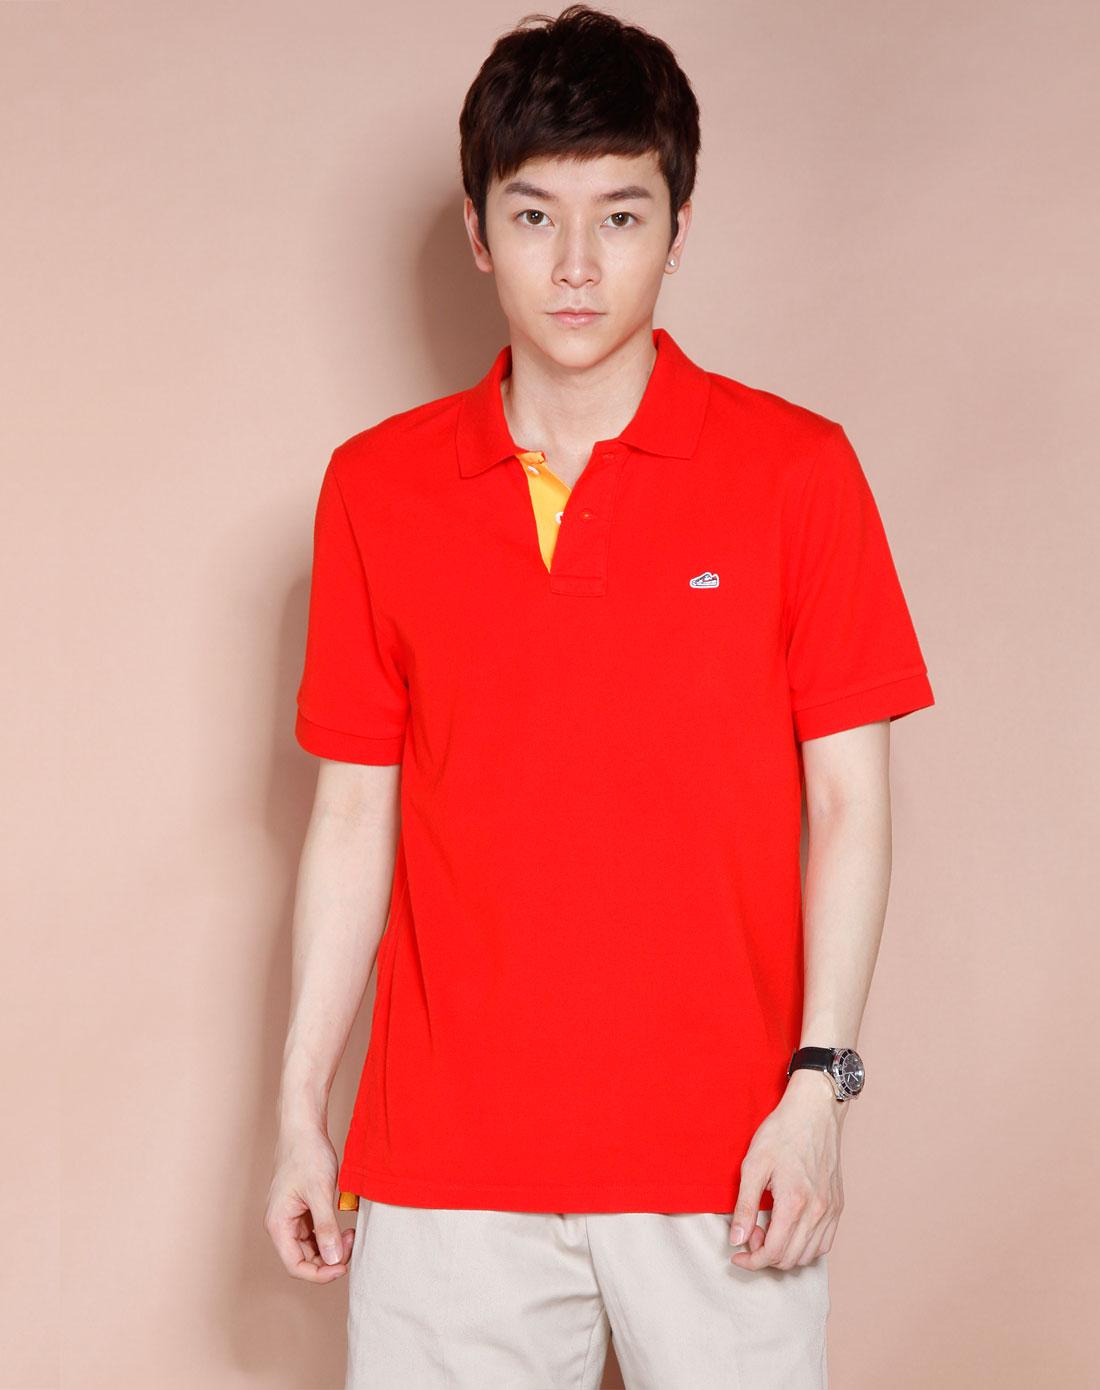 大红色t恤搭配图片